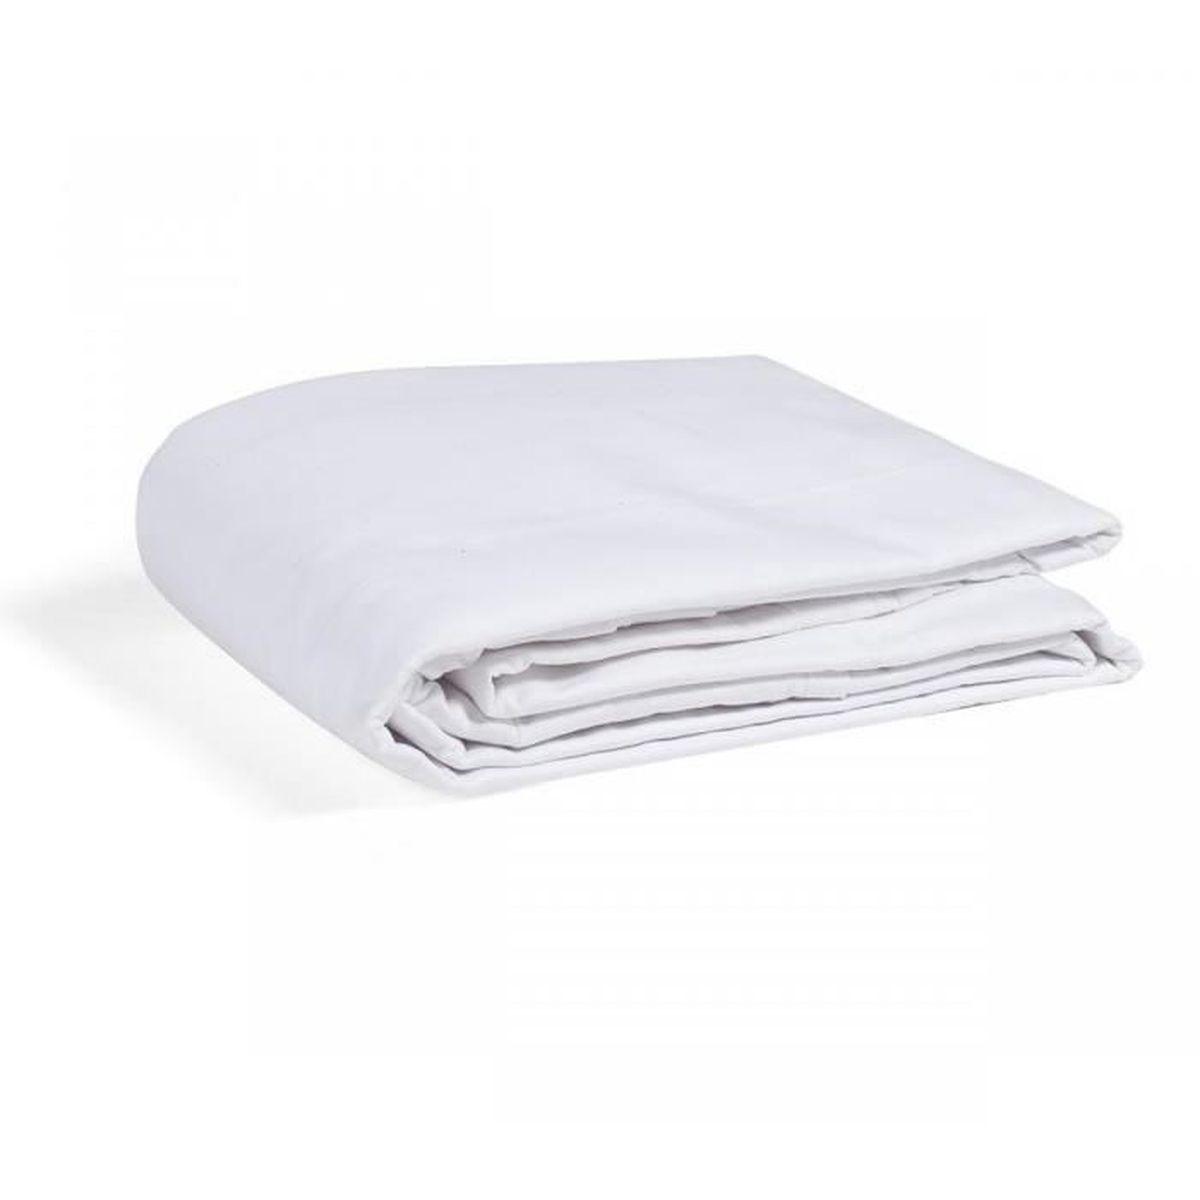 HOUSSE DE COUETTE SEULE Housse de Couette Enfant 100% Coton Blanc 80x120